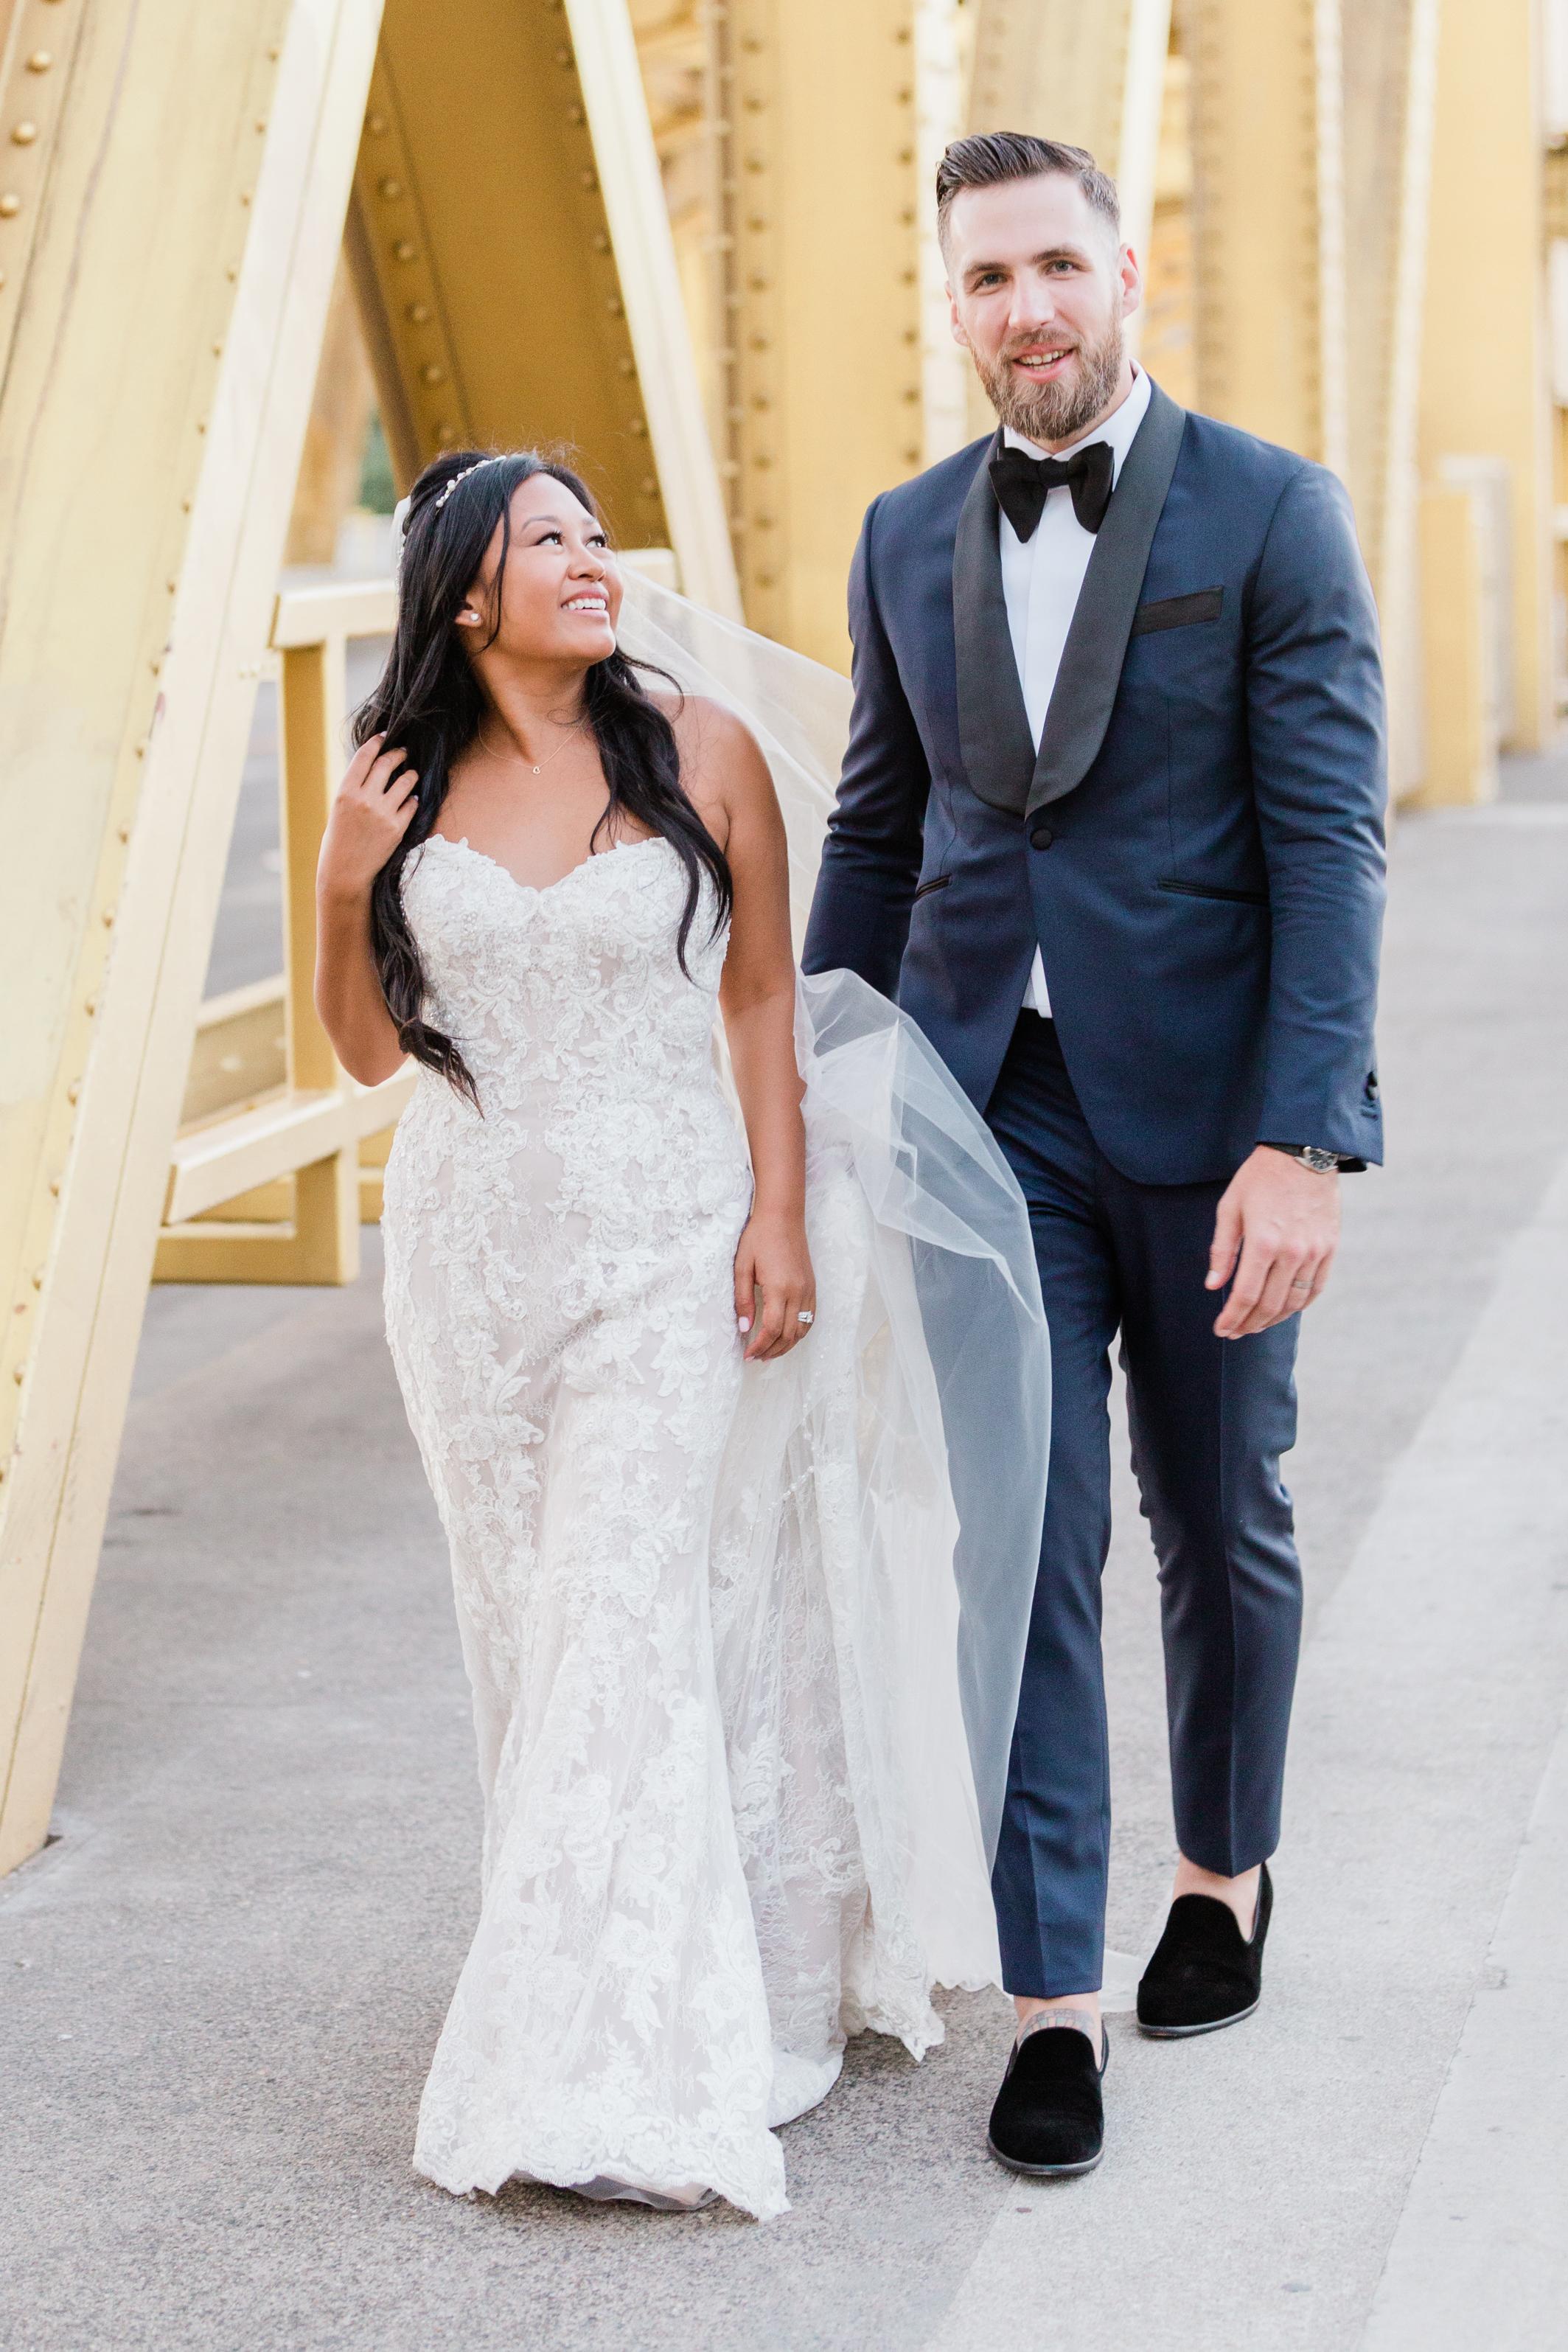 Raedawn and George - Married - Sneak Peeks - Lauren Alisse Photography-50.jpg